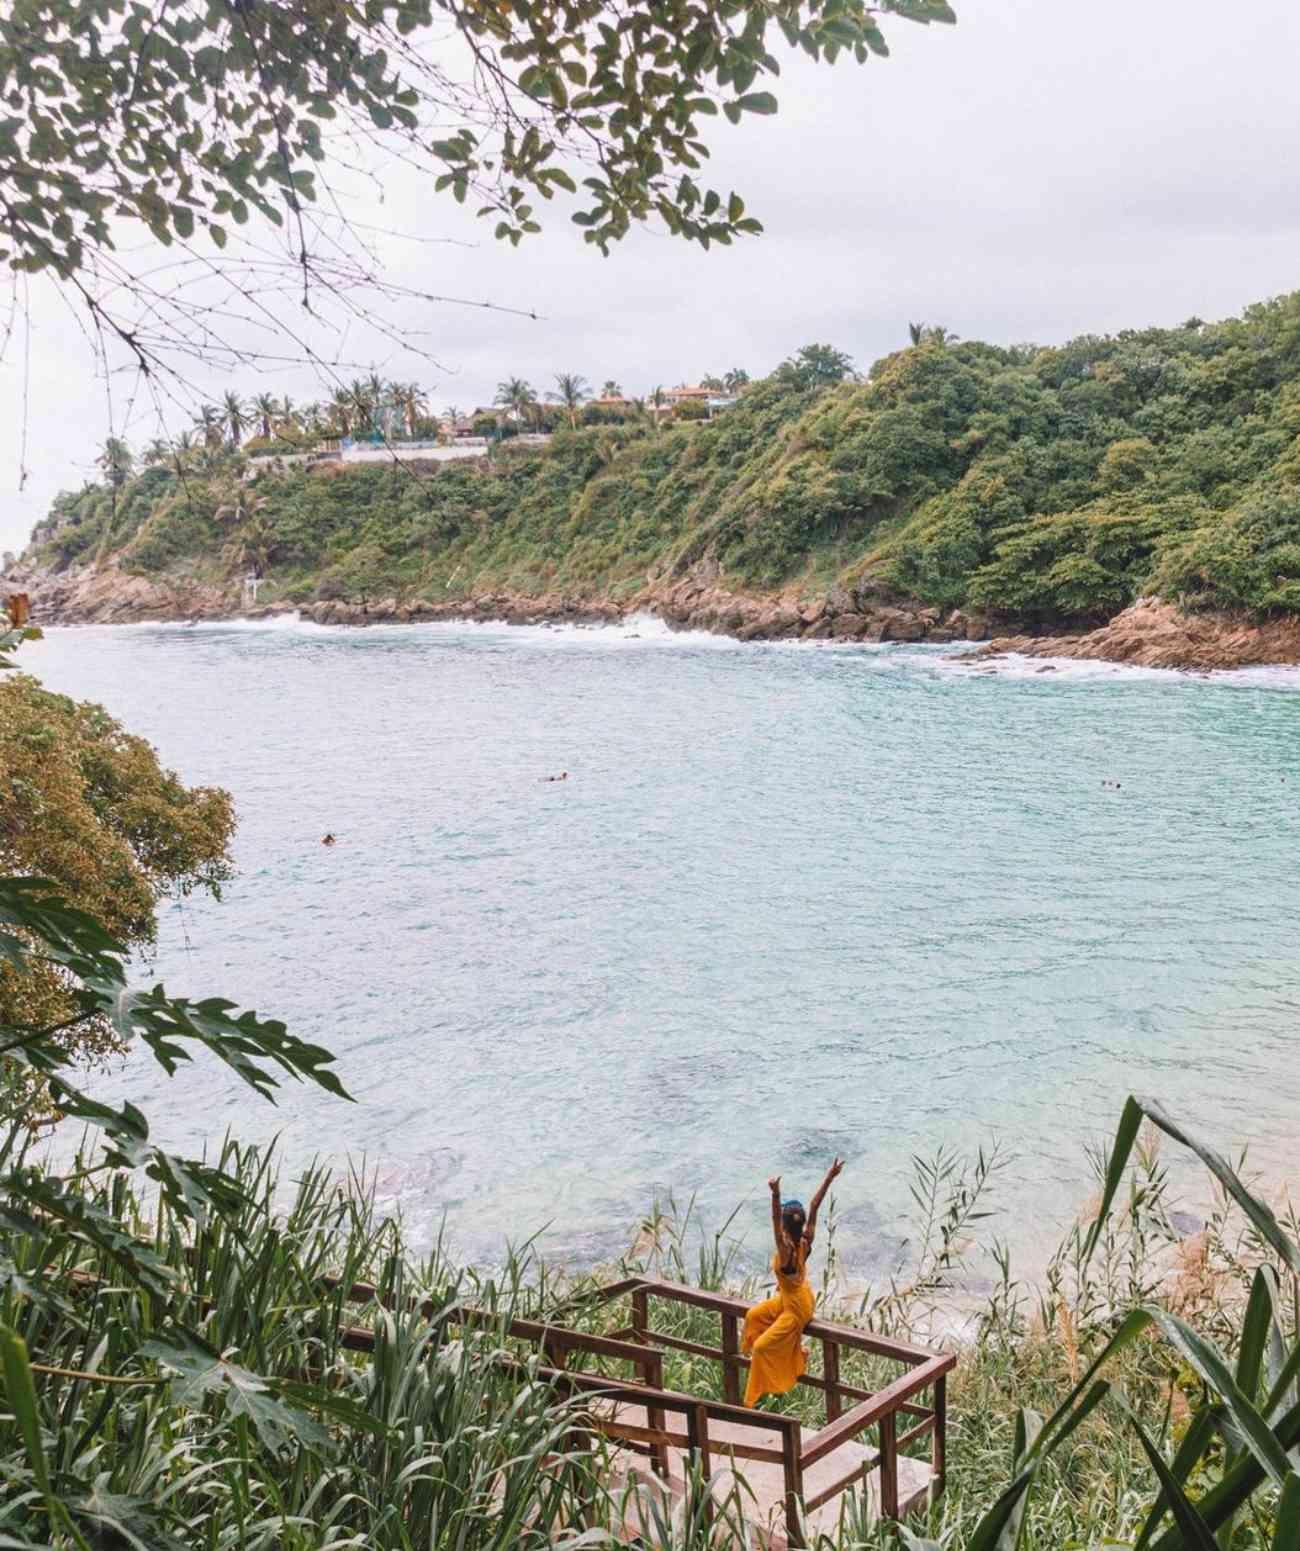 我对你关于在波多黎各独自旅行安全的迫切问题的回答